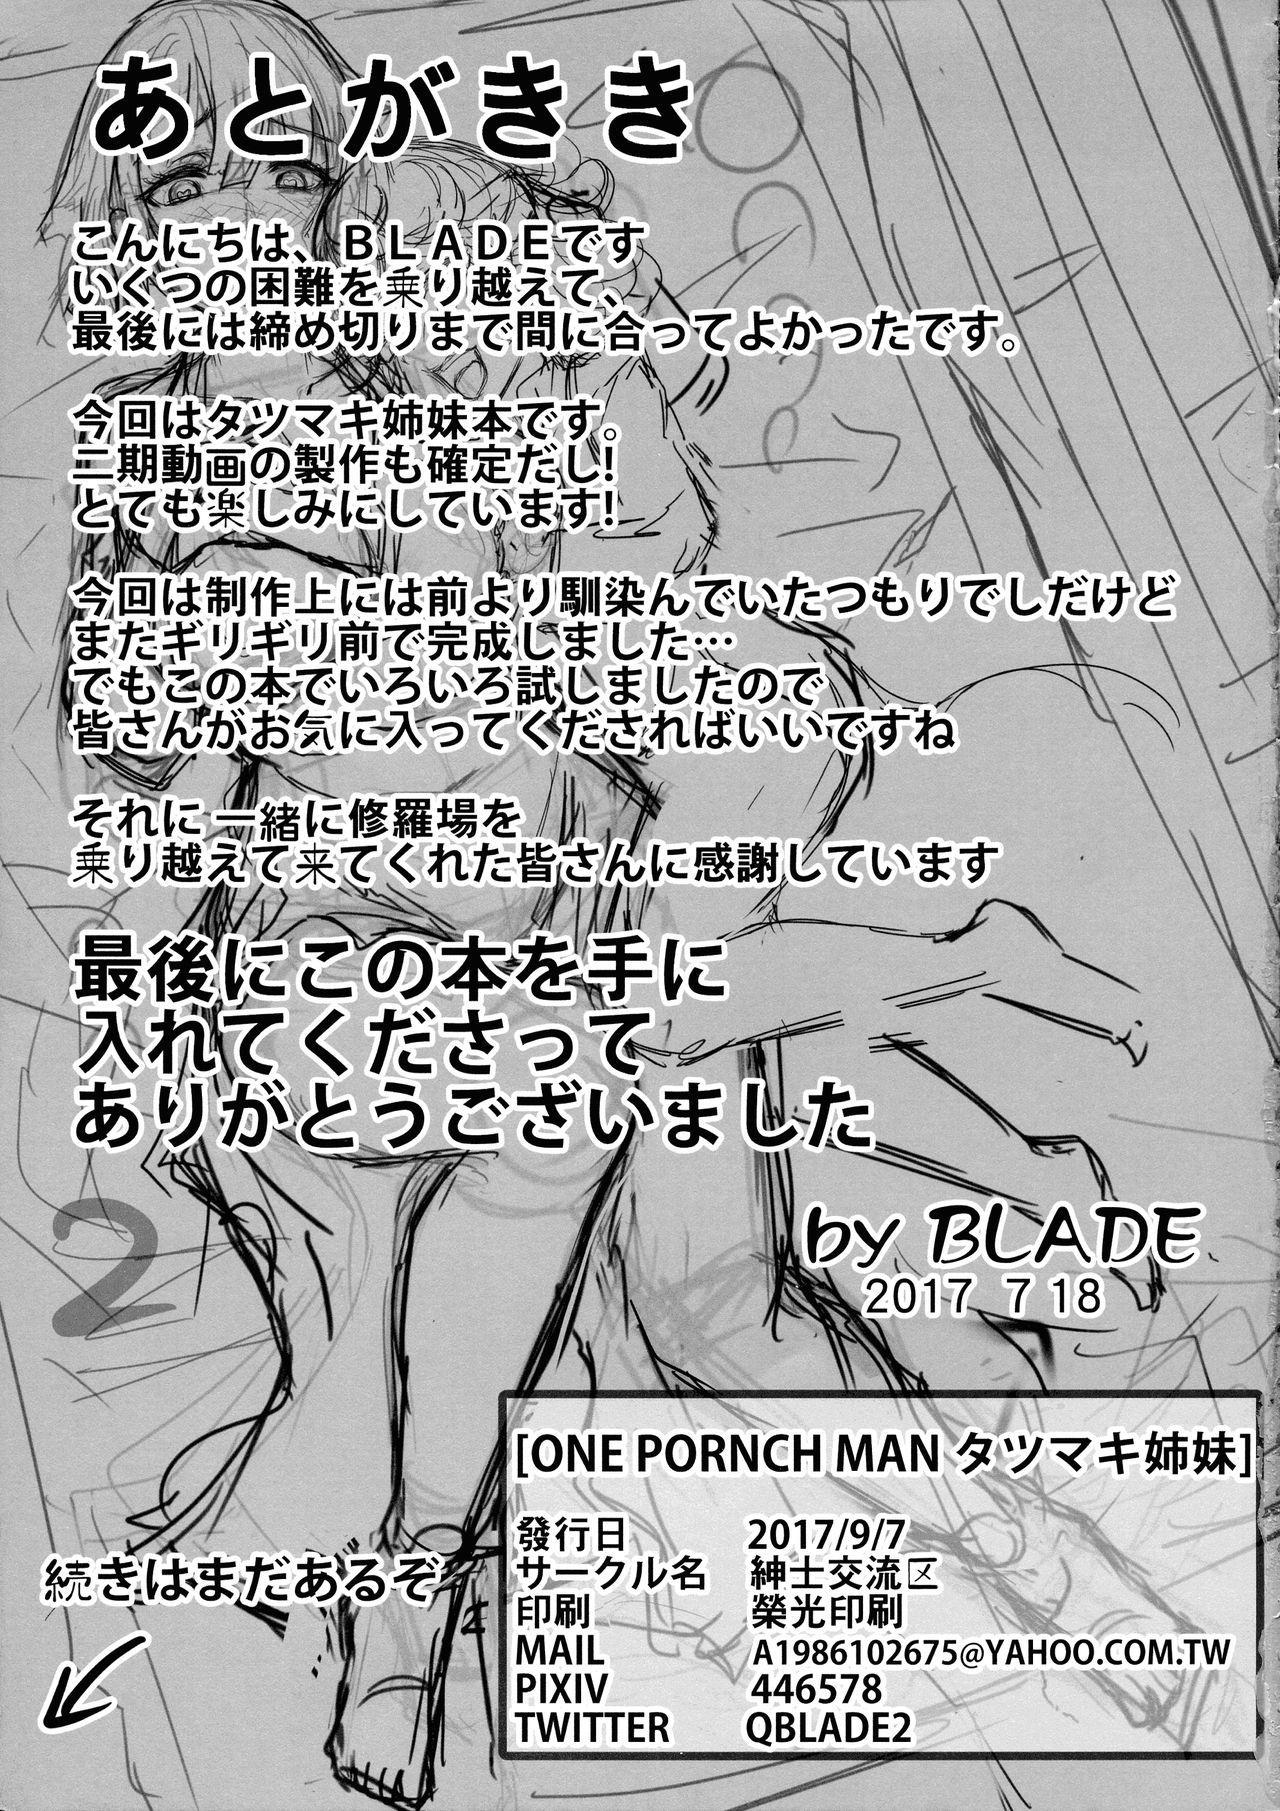 ONE PORNCH MAN Tatsumaki Shimai 24